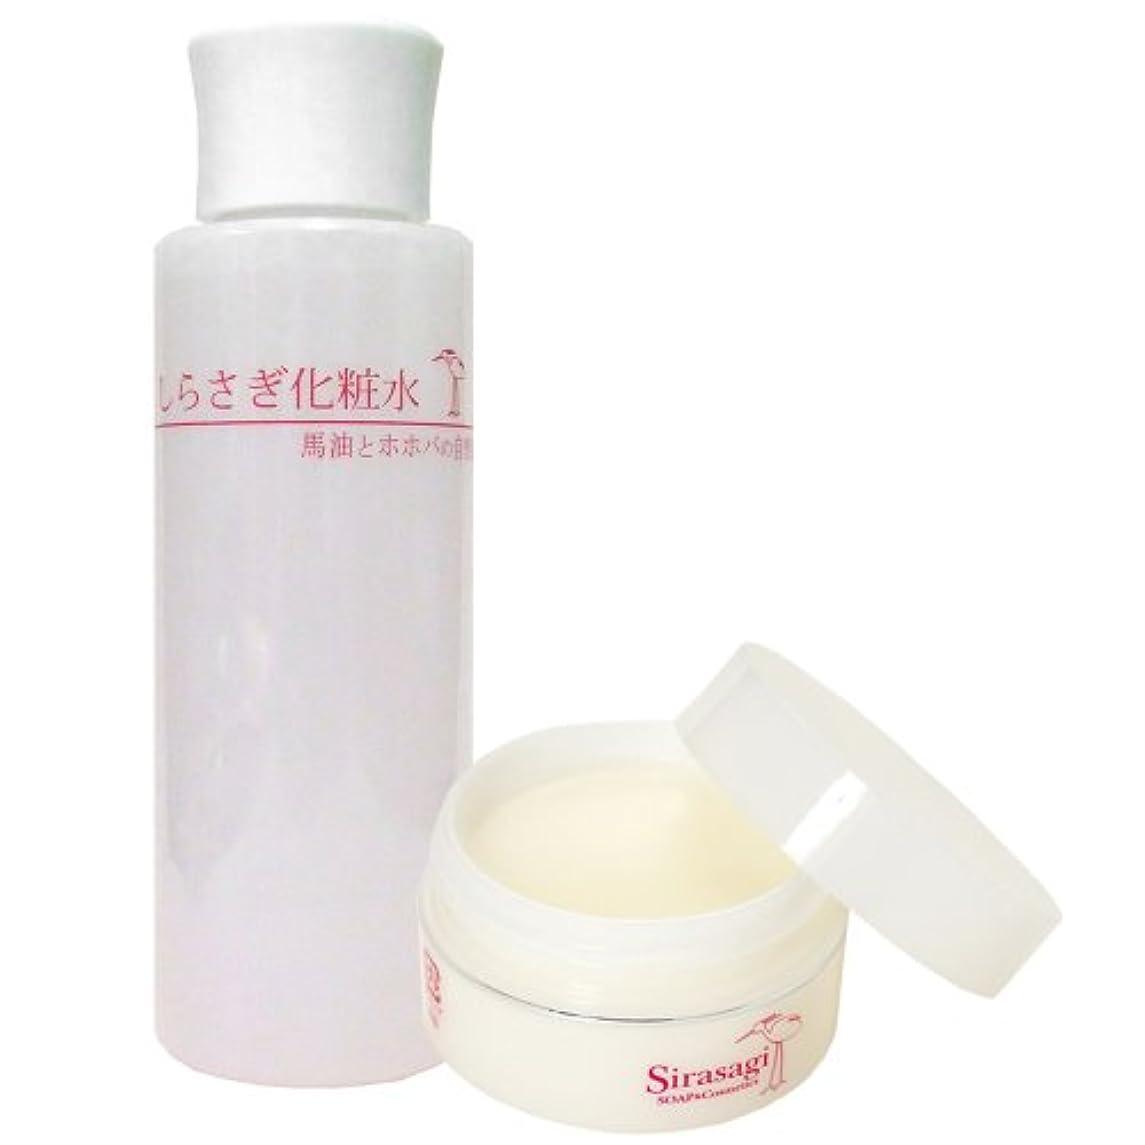 自我別々に取り扱いしらさぎクリーム(無香料)としらさぎ化粧水のセット